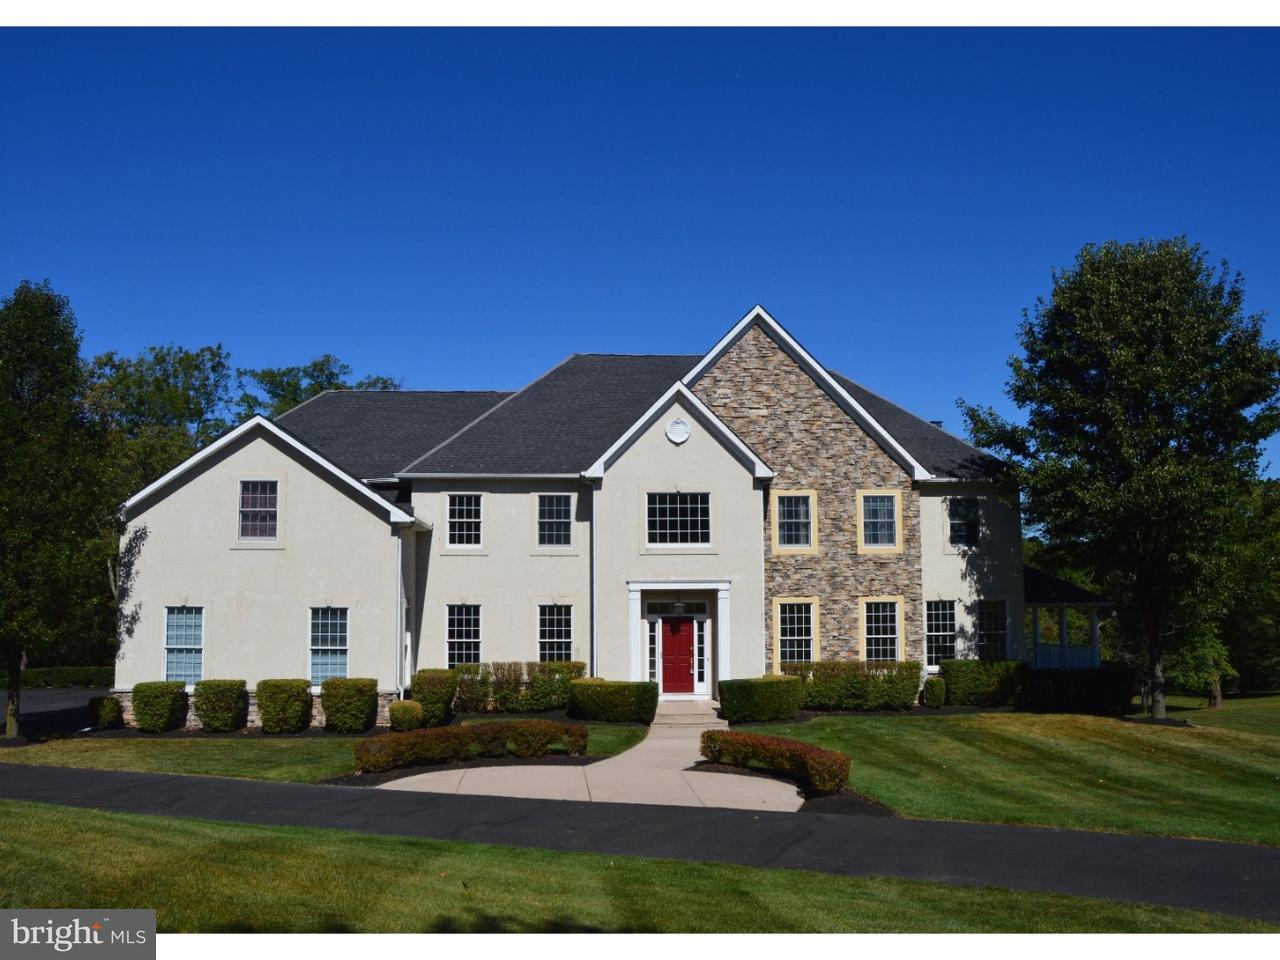 Частный односемейный дом для того Аренда на 20 BROOKS BEND Drive New Hope, Пенсильвания 18938 Соединенные Штаты